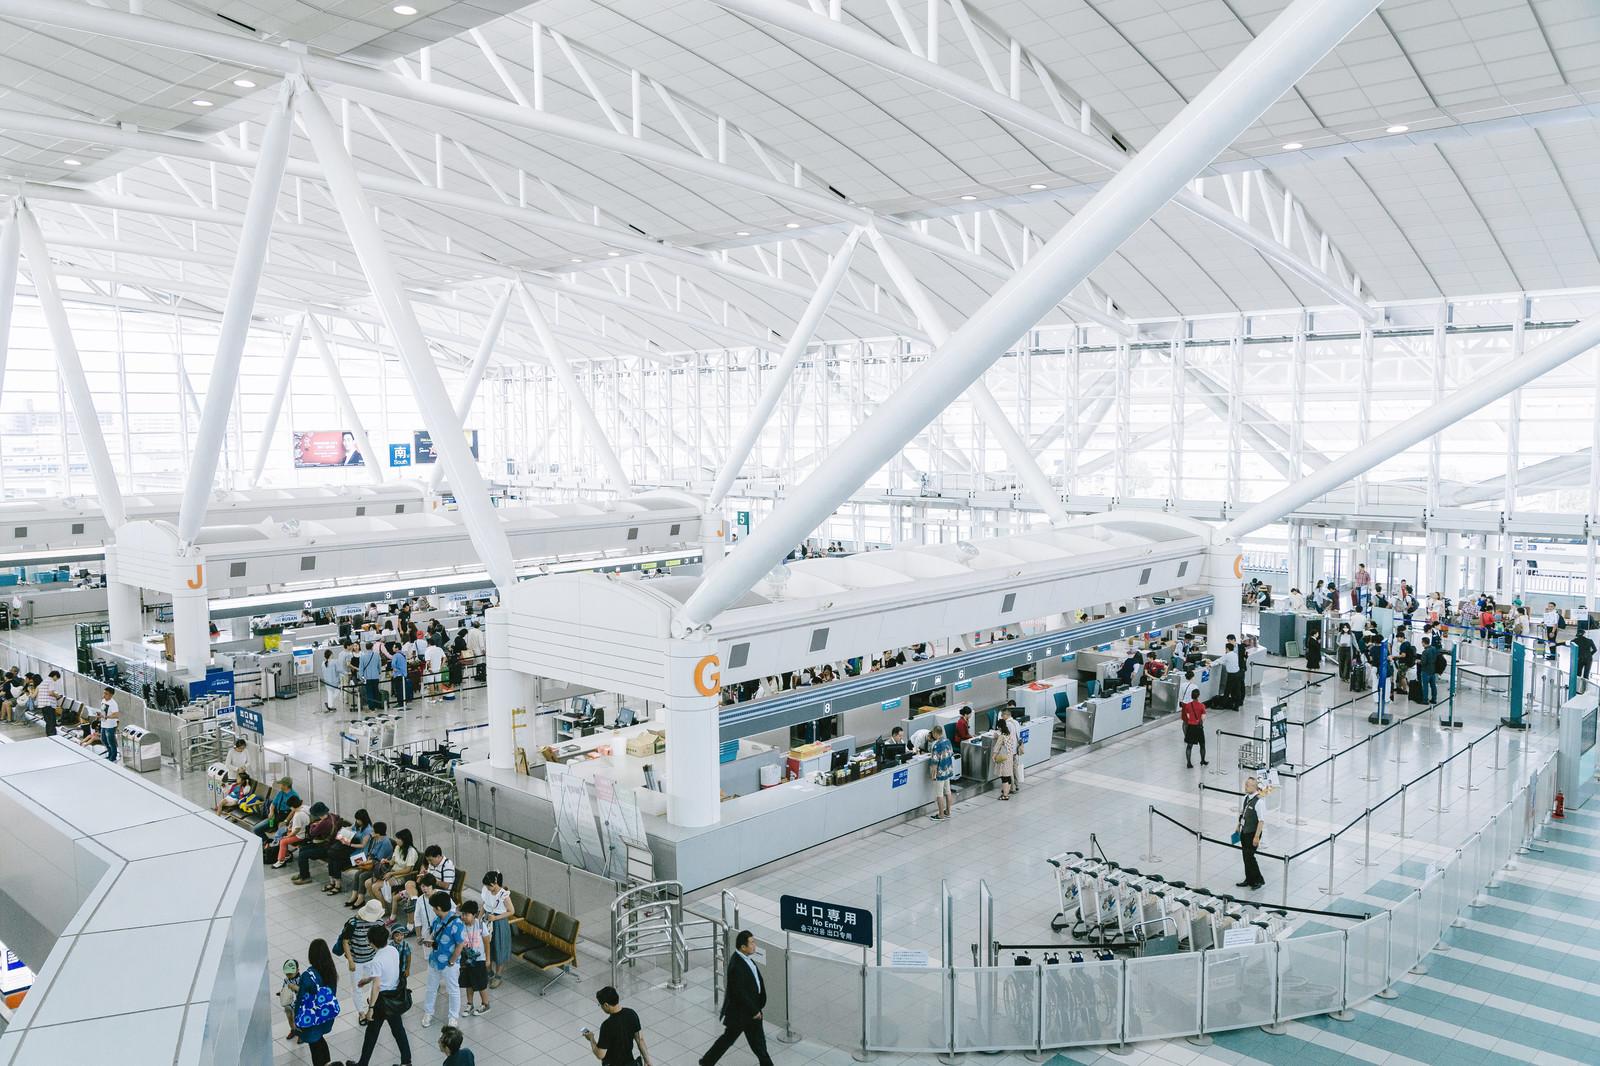 福岡機場 - 國際線航廈